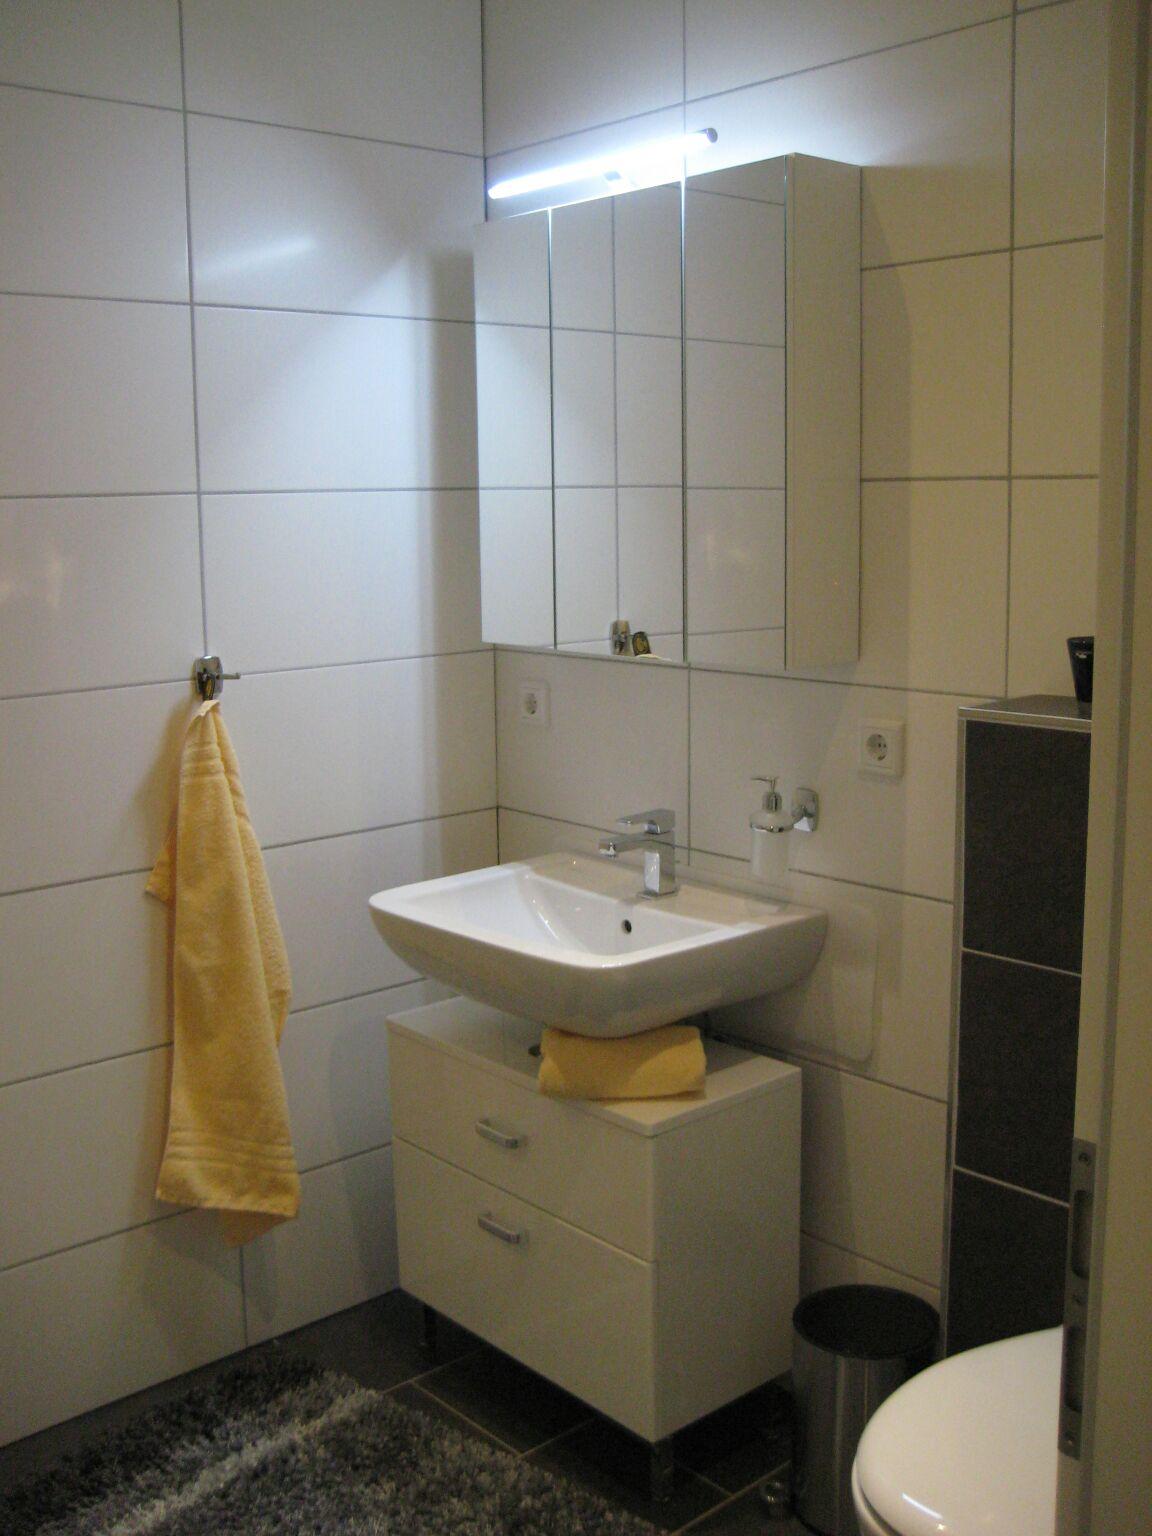 landgasthof gerwing wulf gmbh, (ahaus-alstätte). ferienwohnung ii, Badezimmer ideen